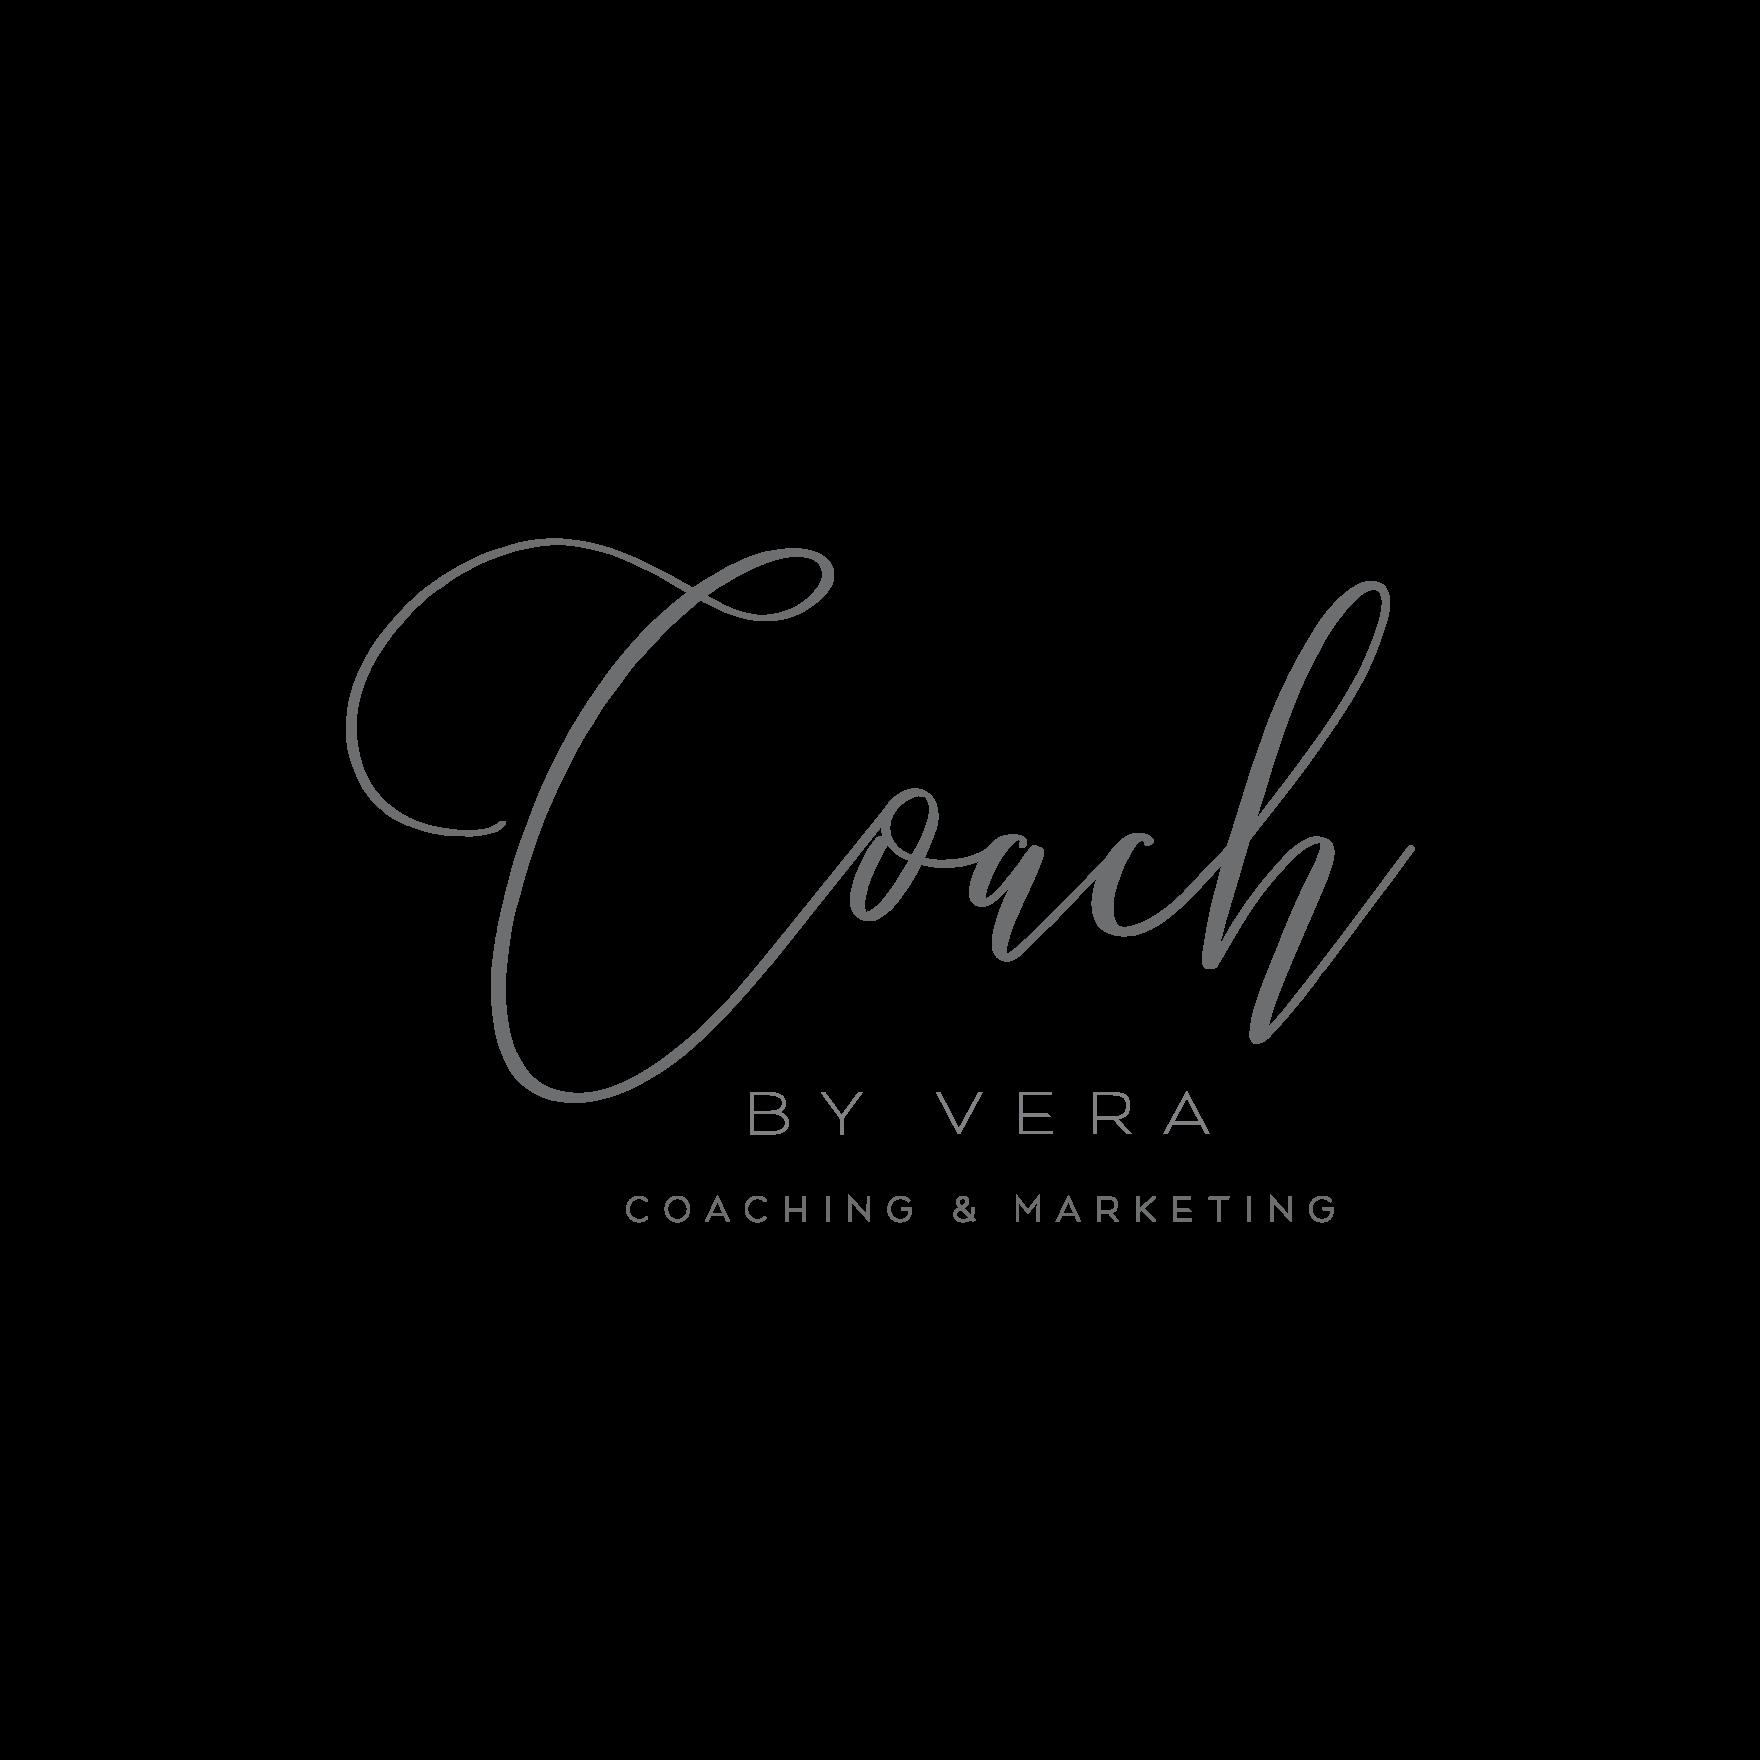 Coah by Vera